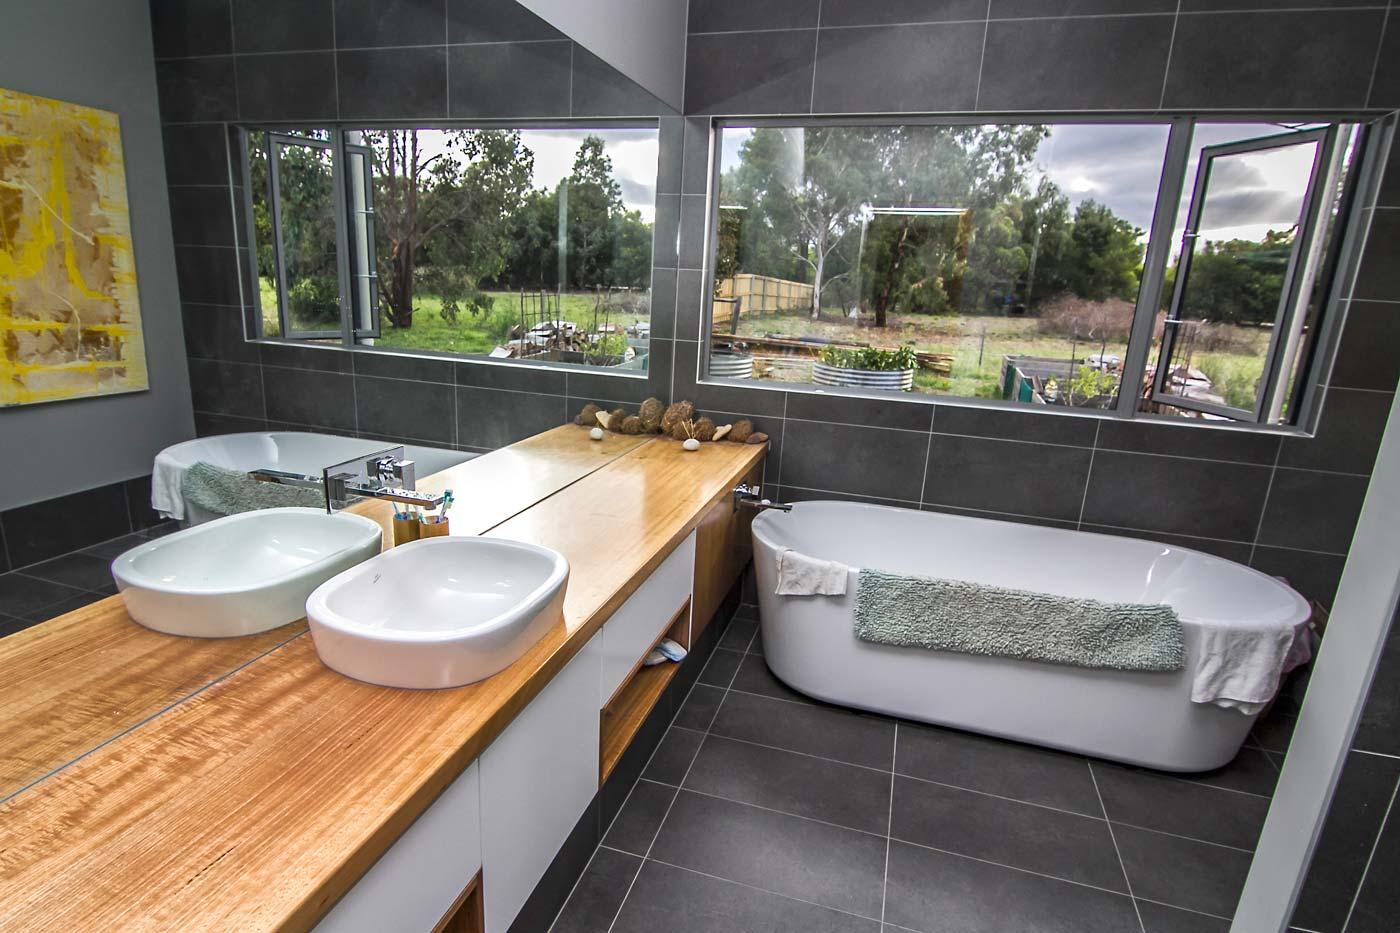 Woodhams-builders-bathroom